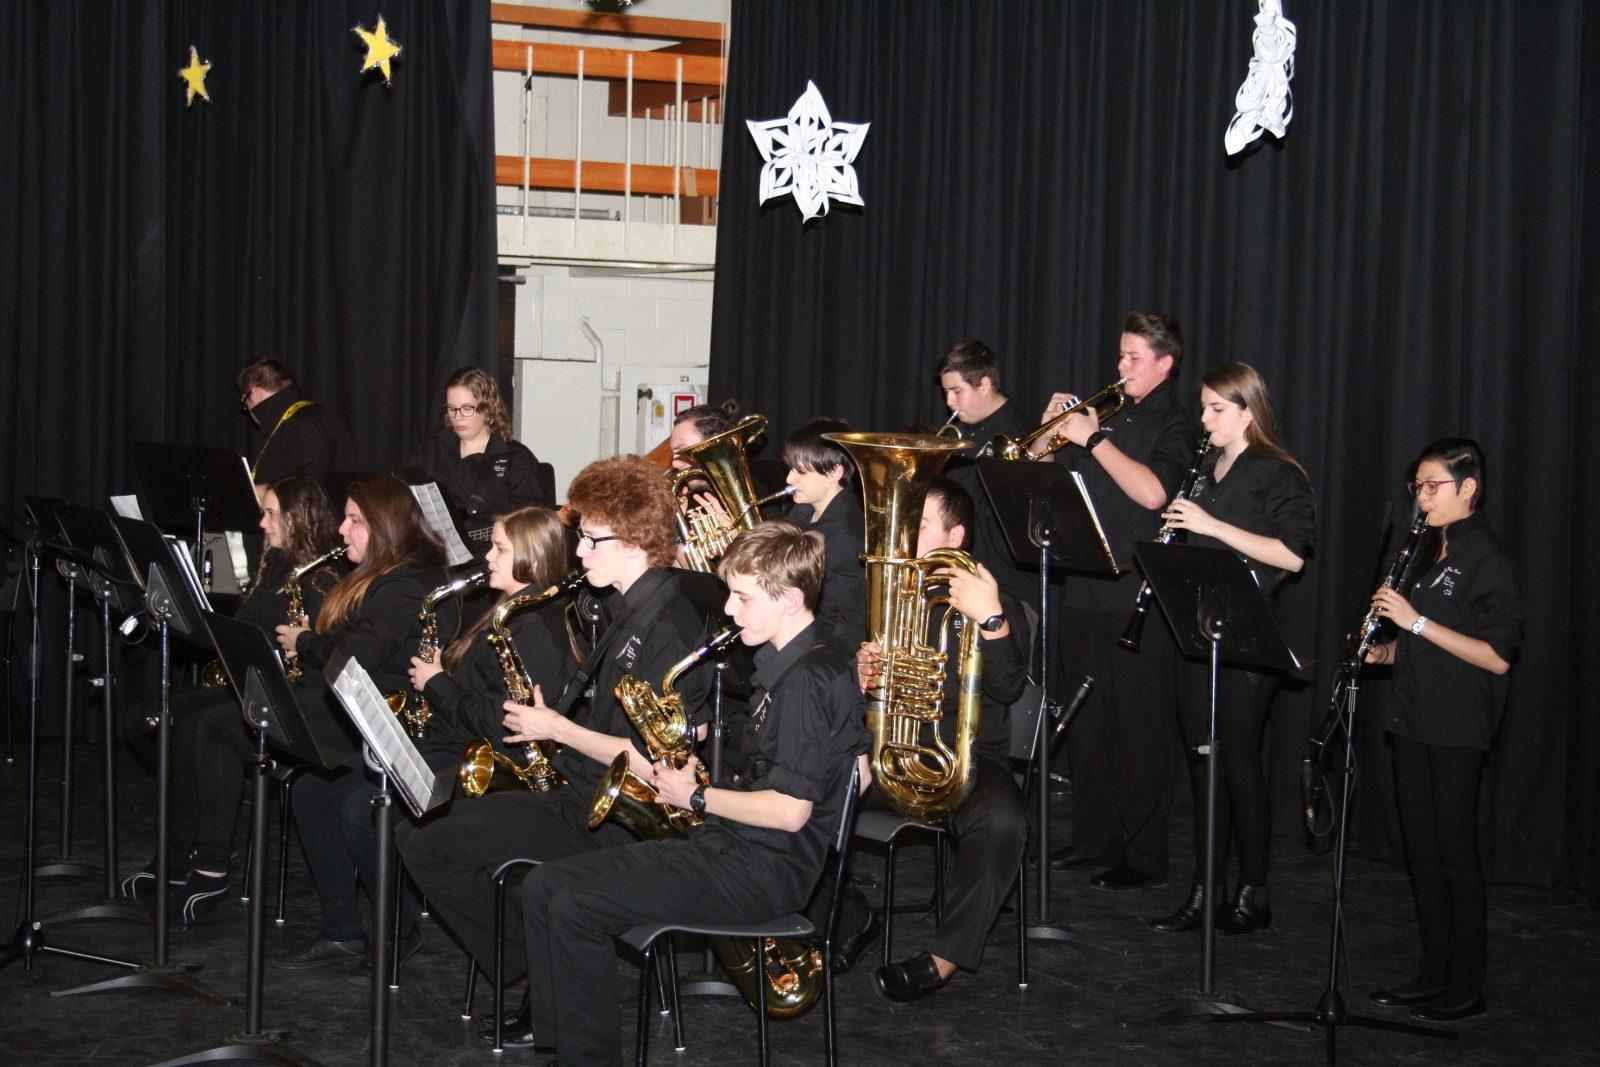 Une Harmonie pour les jeunes de 12 à 16 ans